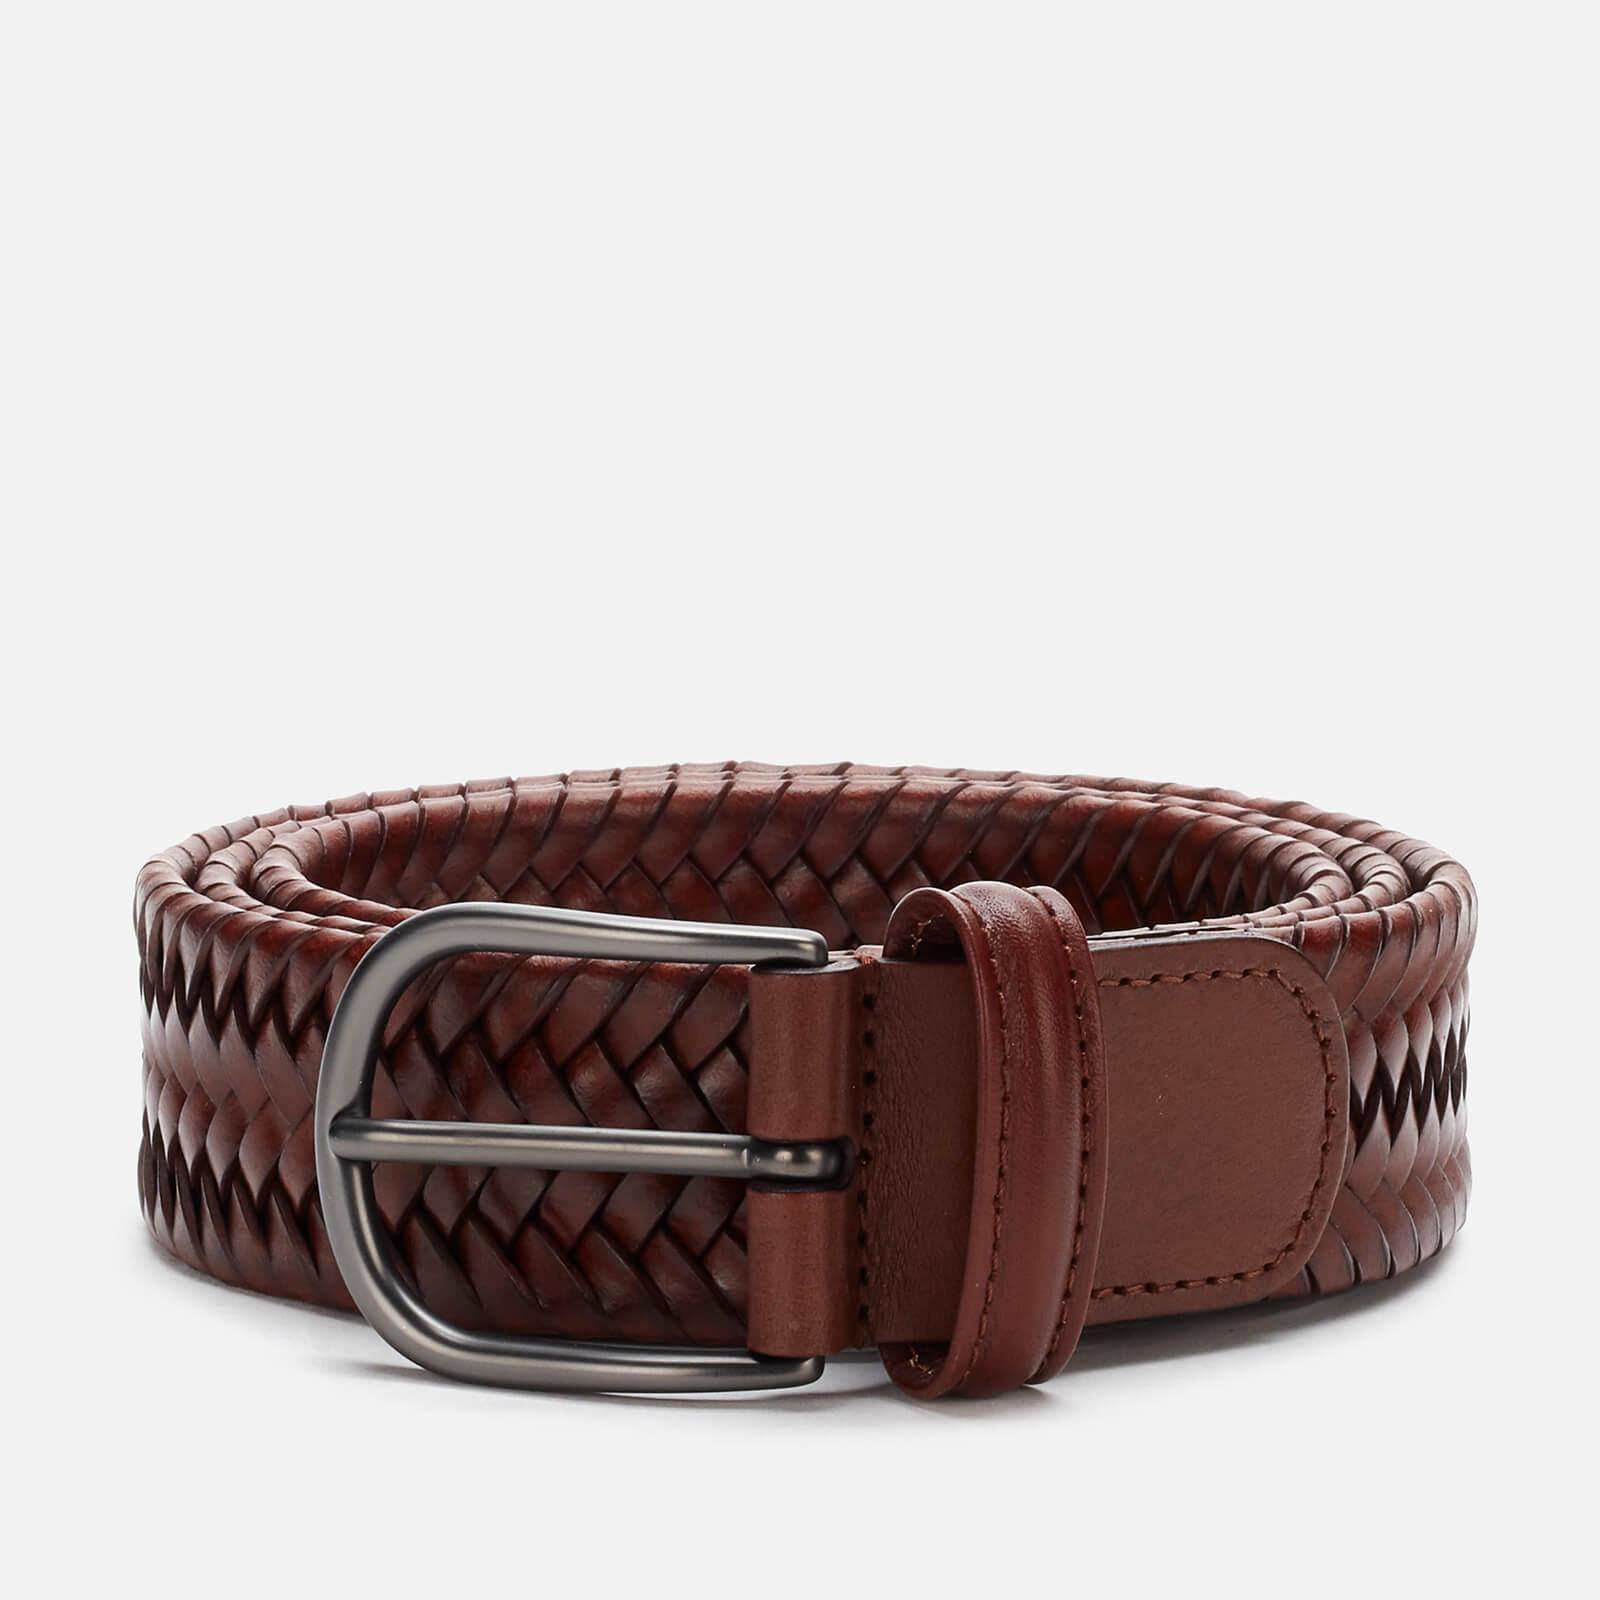 Anderson's Men's Matt Buckle Woven Belt - Brown - W30/S